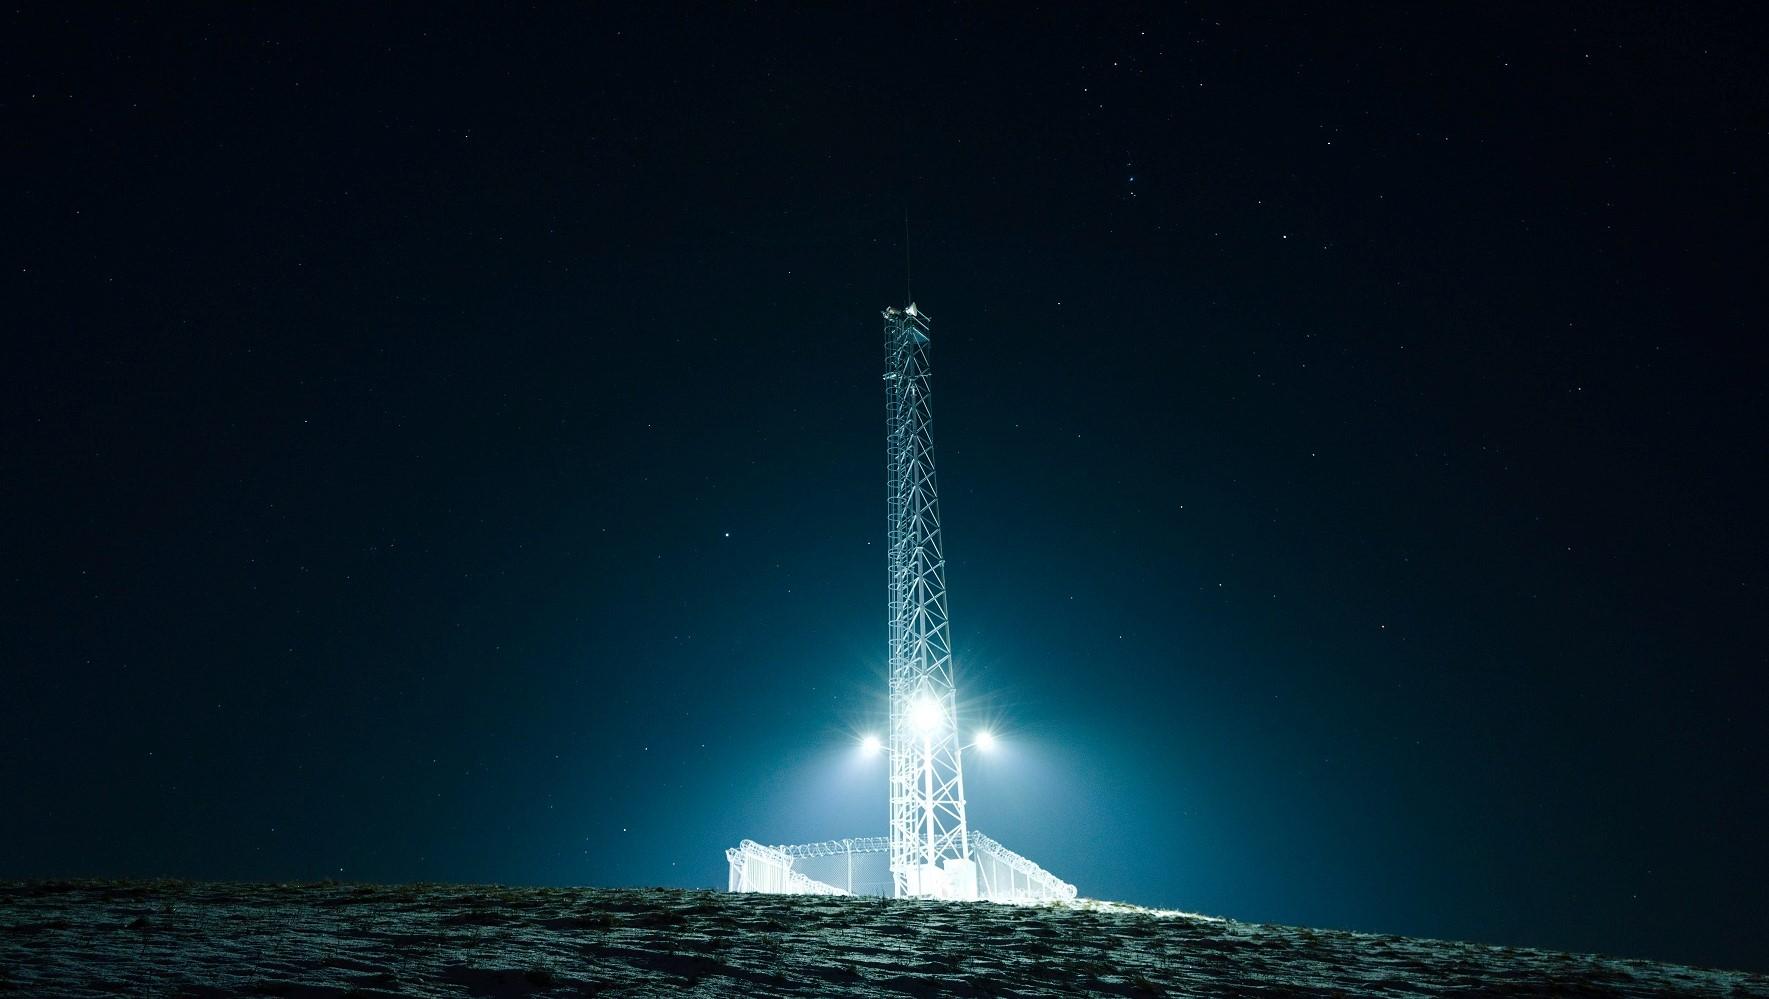 Nowe wieże dla Straży Granicznej. Zobacz jak wyglądają [NAGRANIE VIDEO] - Zdjęcie główne